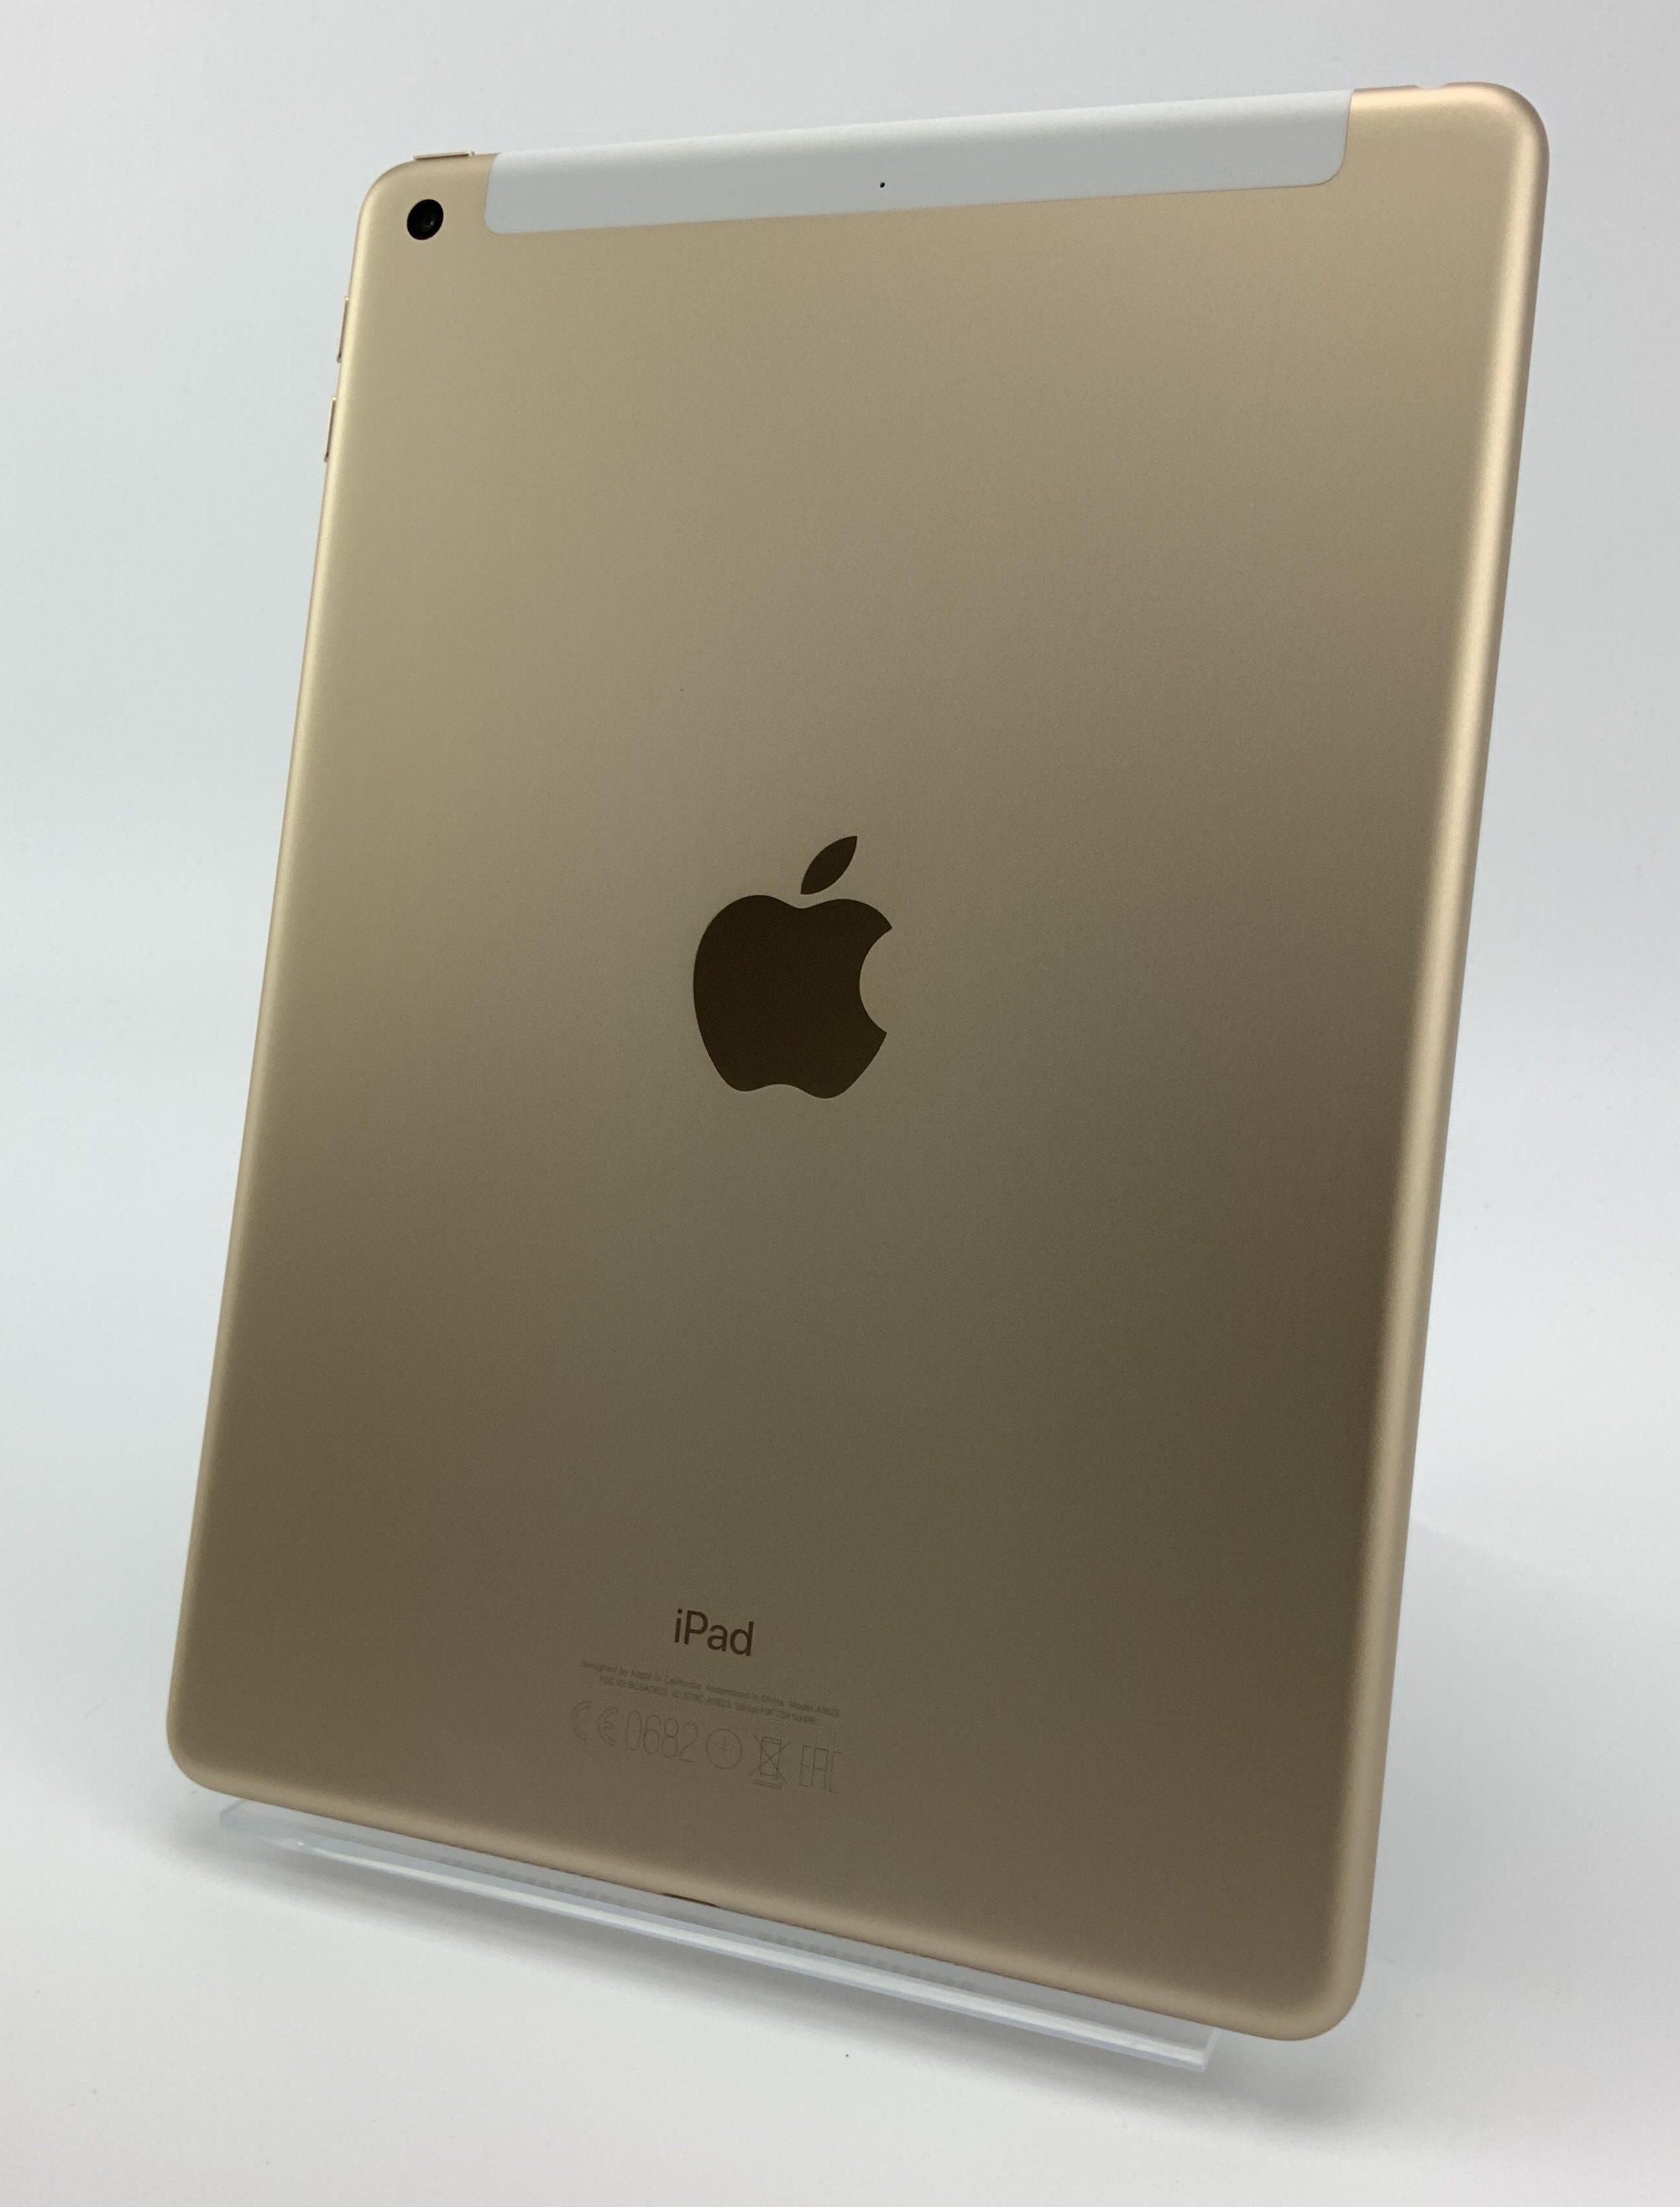 iPad 5 Wi-Fi + Cellular 32GB, 32GB, Gold, immagine 2